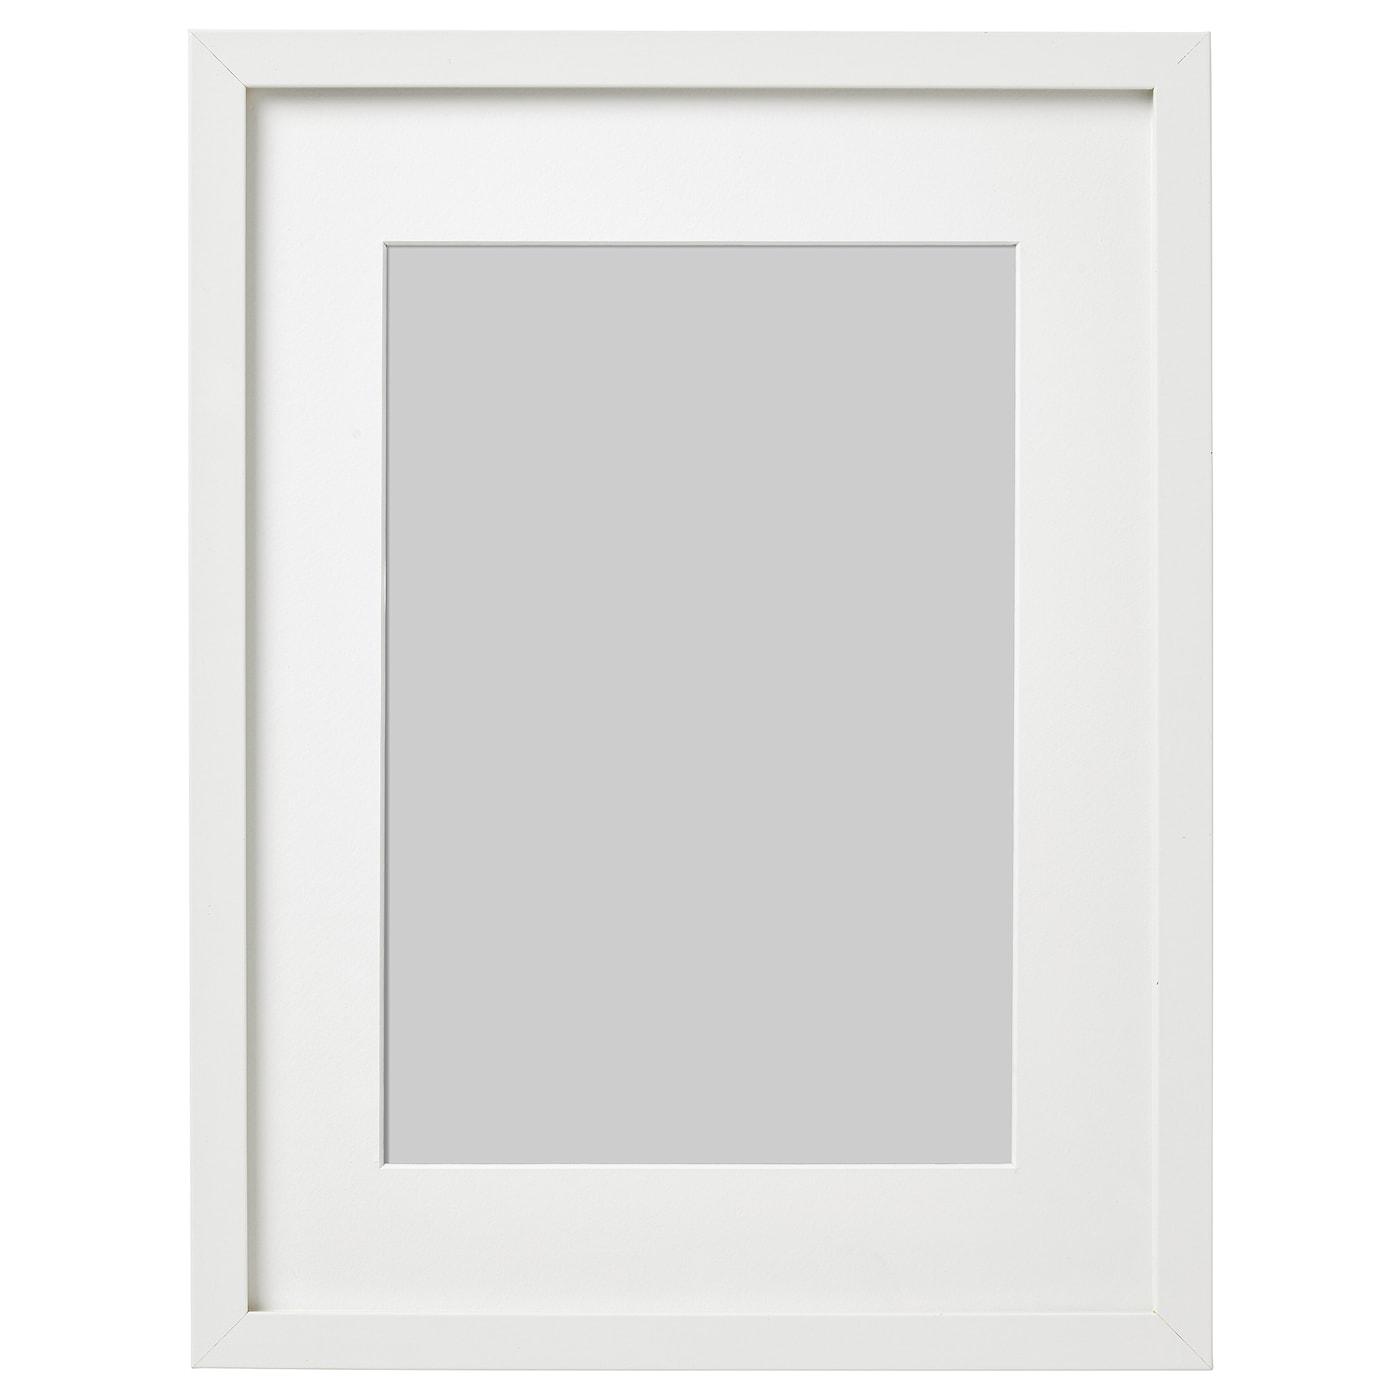 Fotorahmen Tebe 10x15 cm und 13x18 cm silber